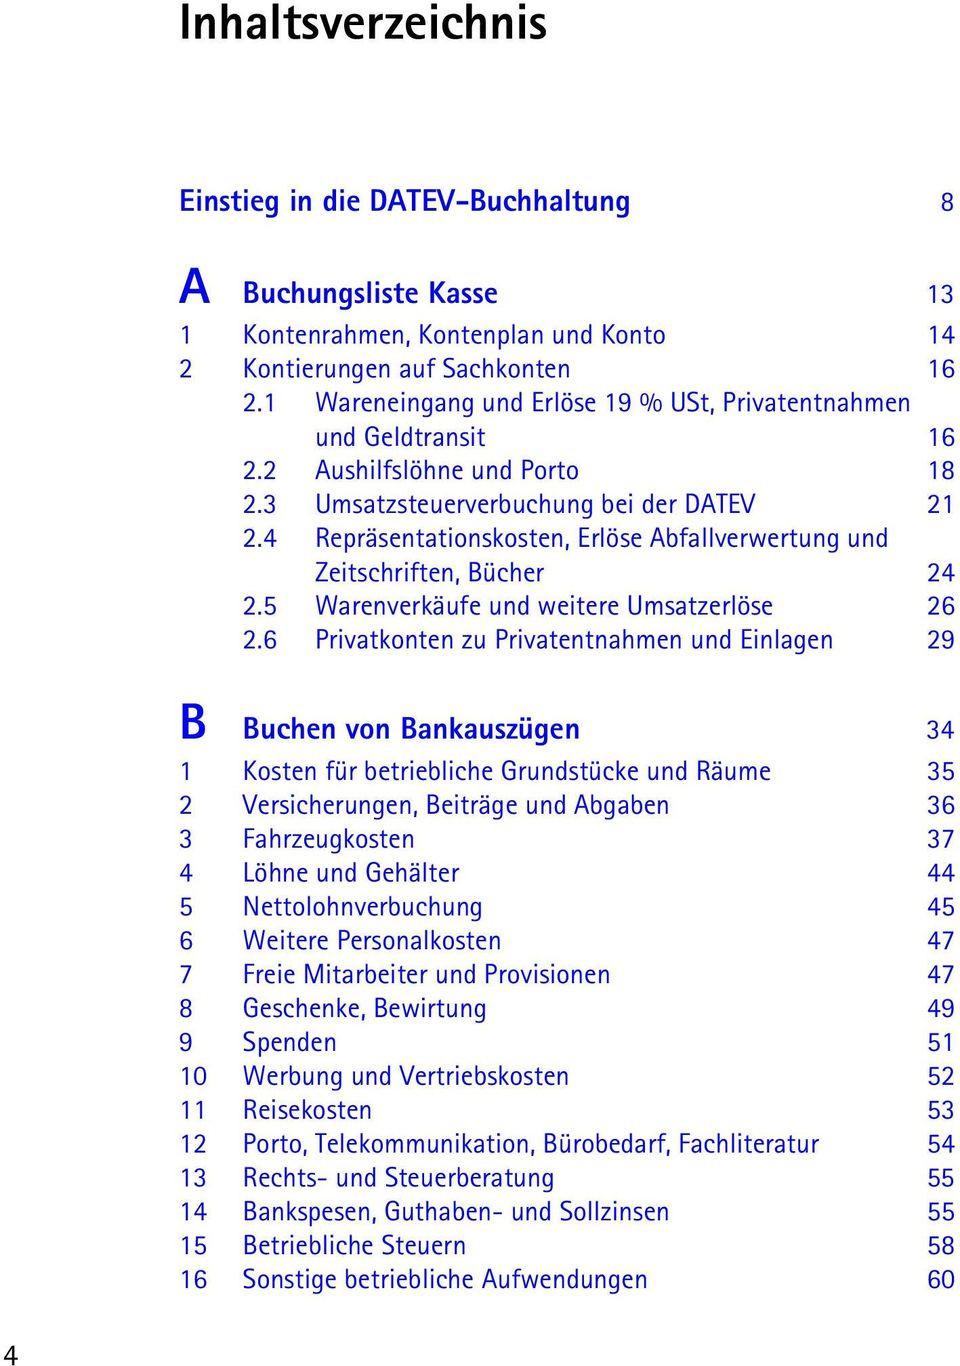 Geschenke An Mitarbeiter Buchen  Einstieg in DATEV Buchhaltung 8 PDF